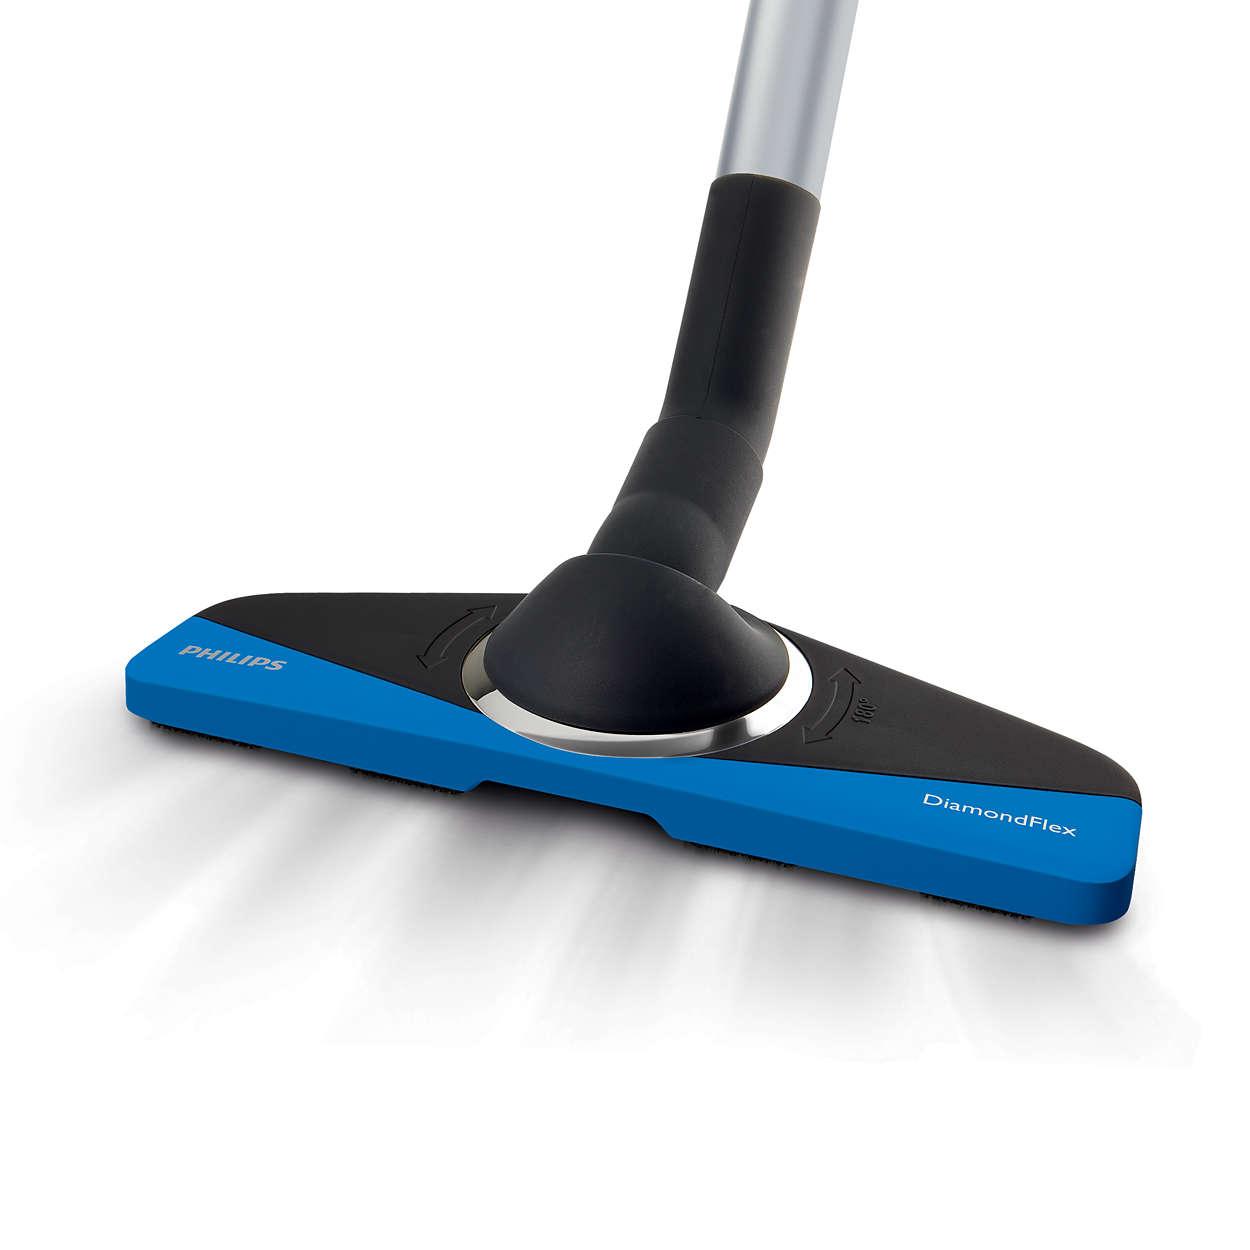 Nettoyage des endroits difficiles à atteindre